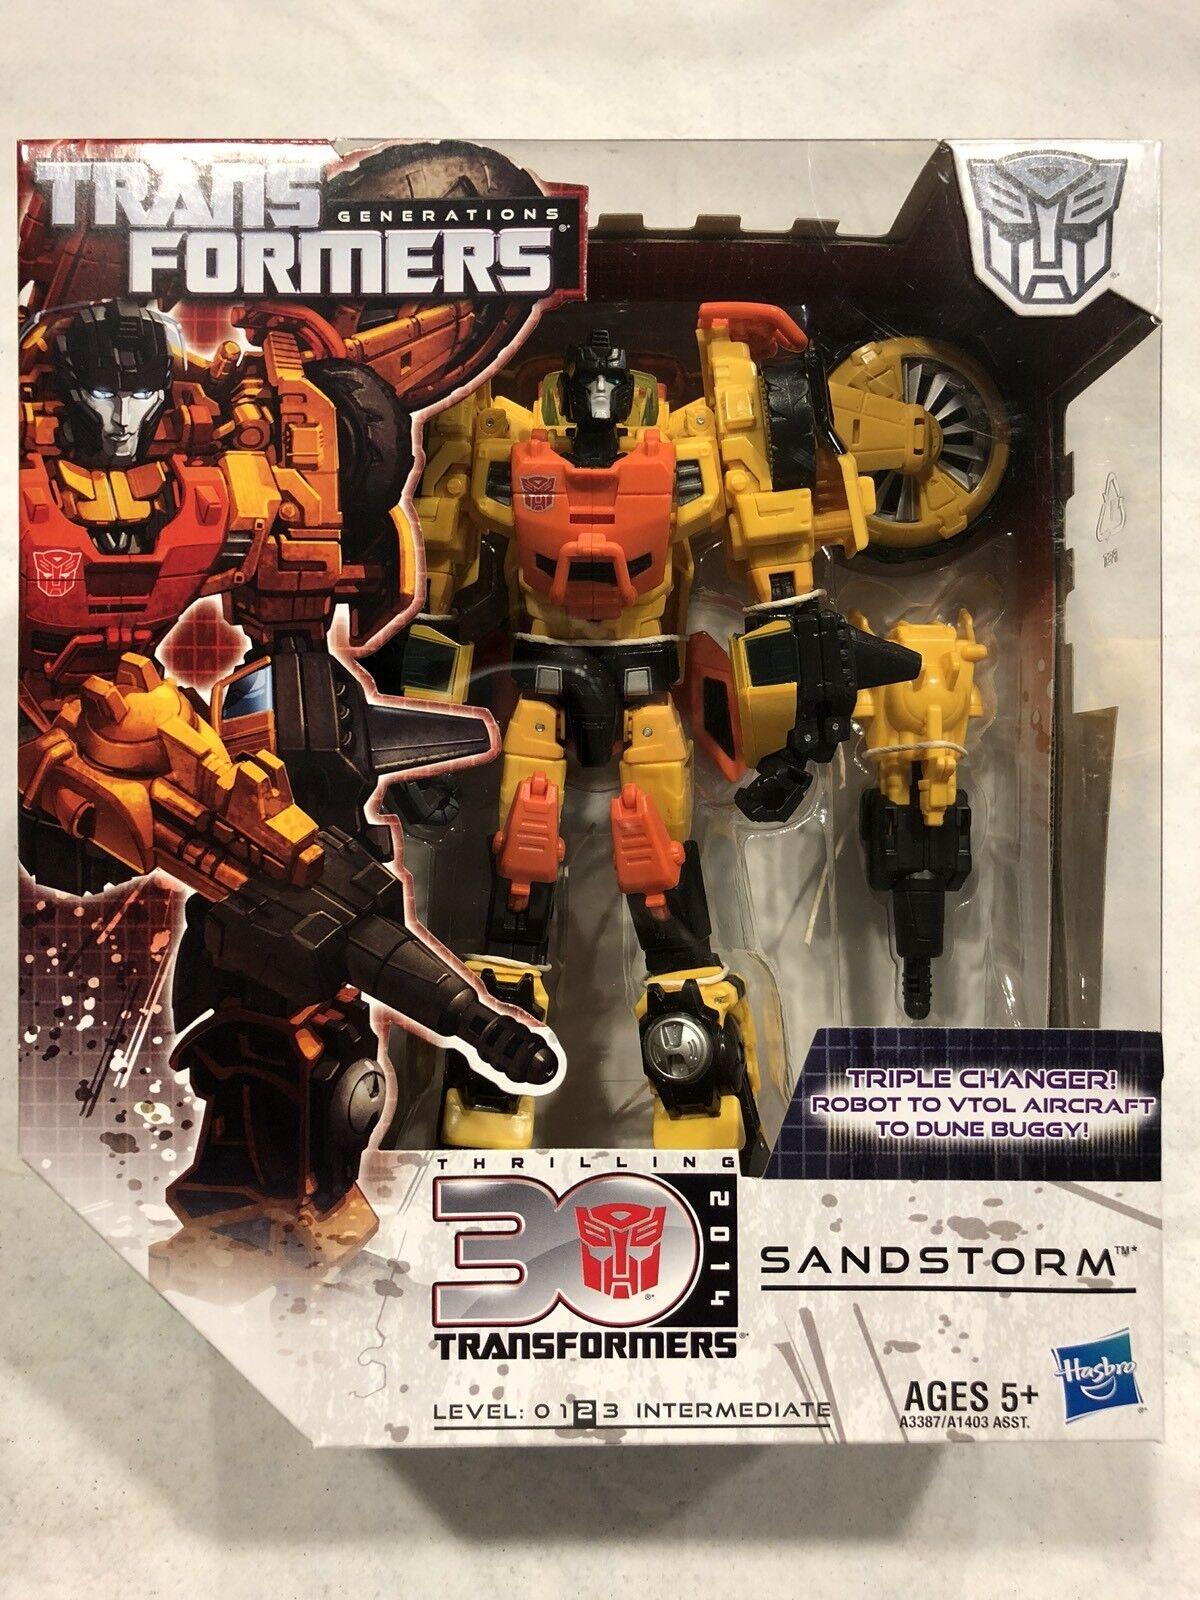 2013 Transformers G1 classeics 30th generazioni VOYAGER classeE TEMPESTA DI SABBIA COME NUOVO IN SCATOLA SIGILLATA